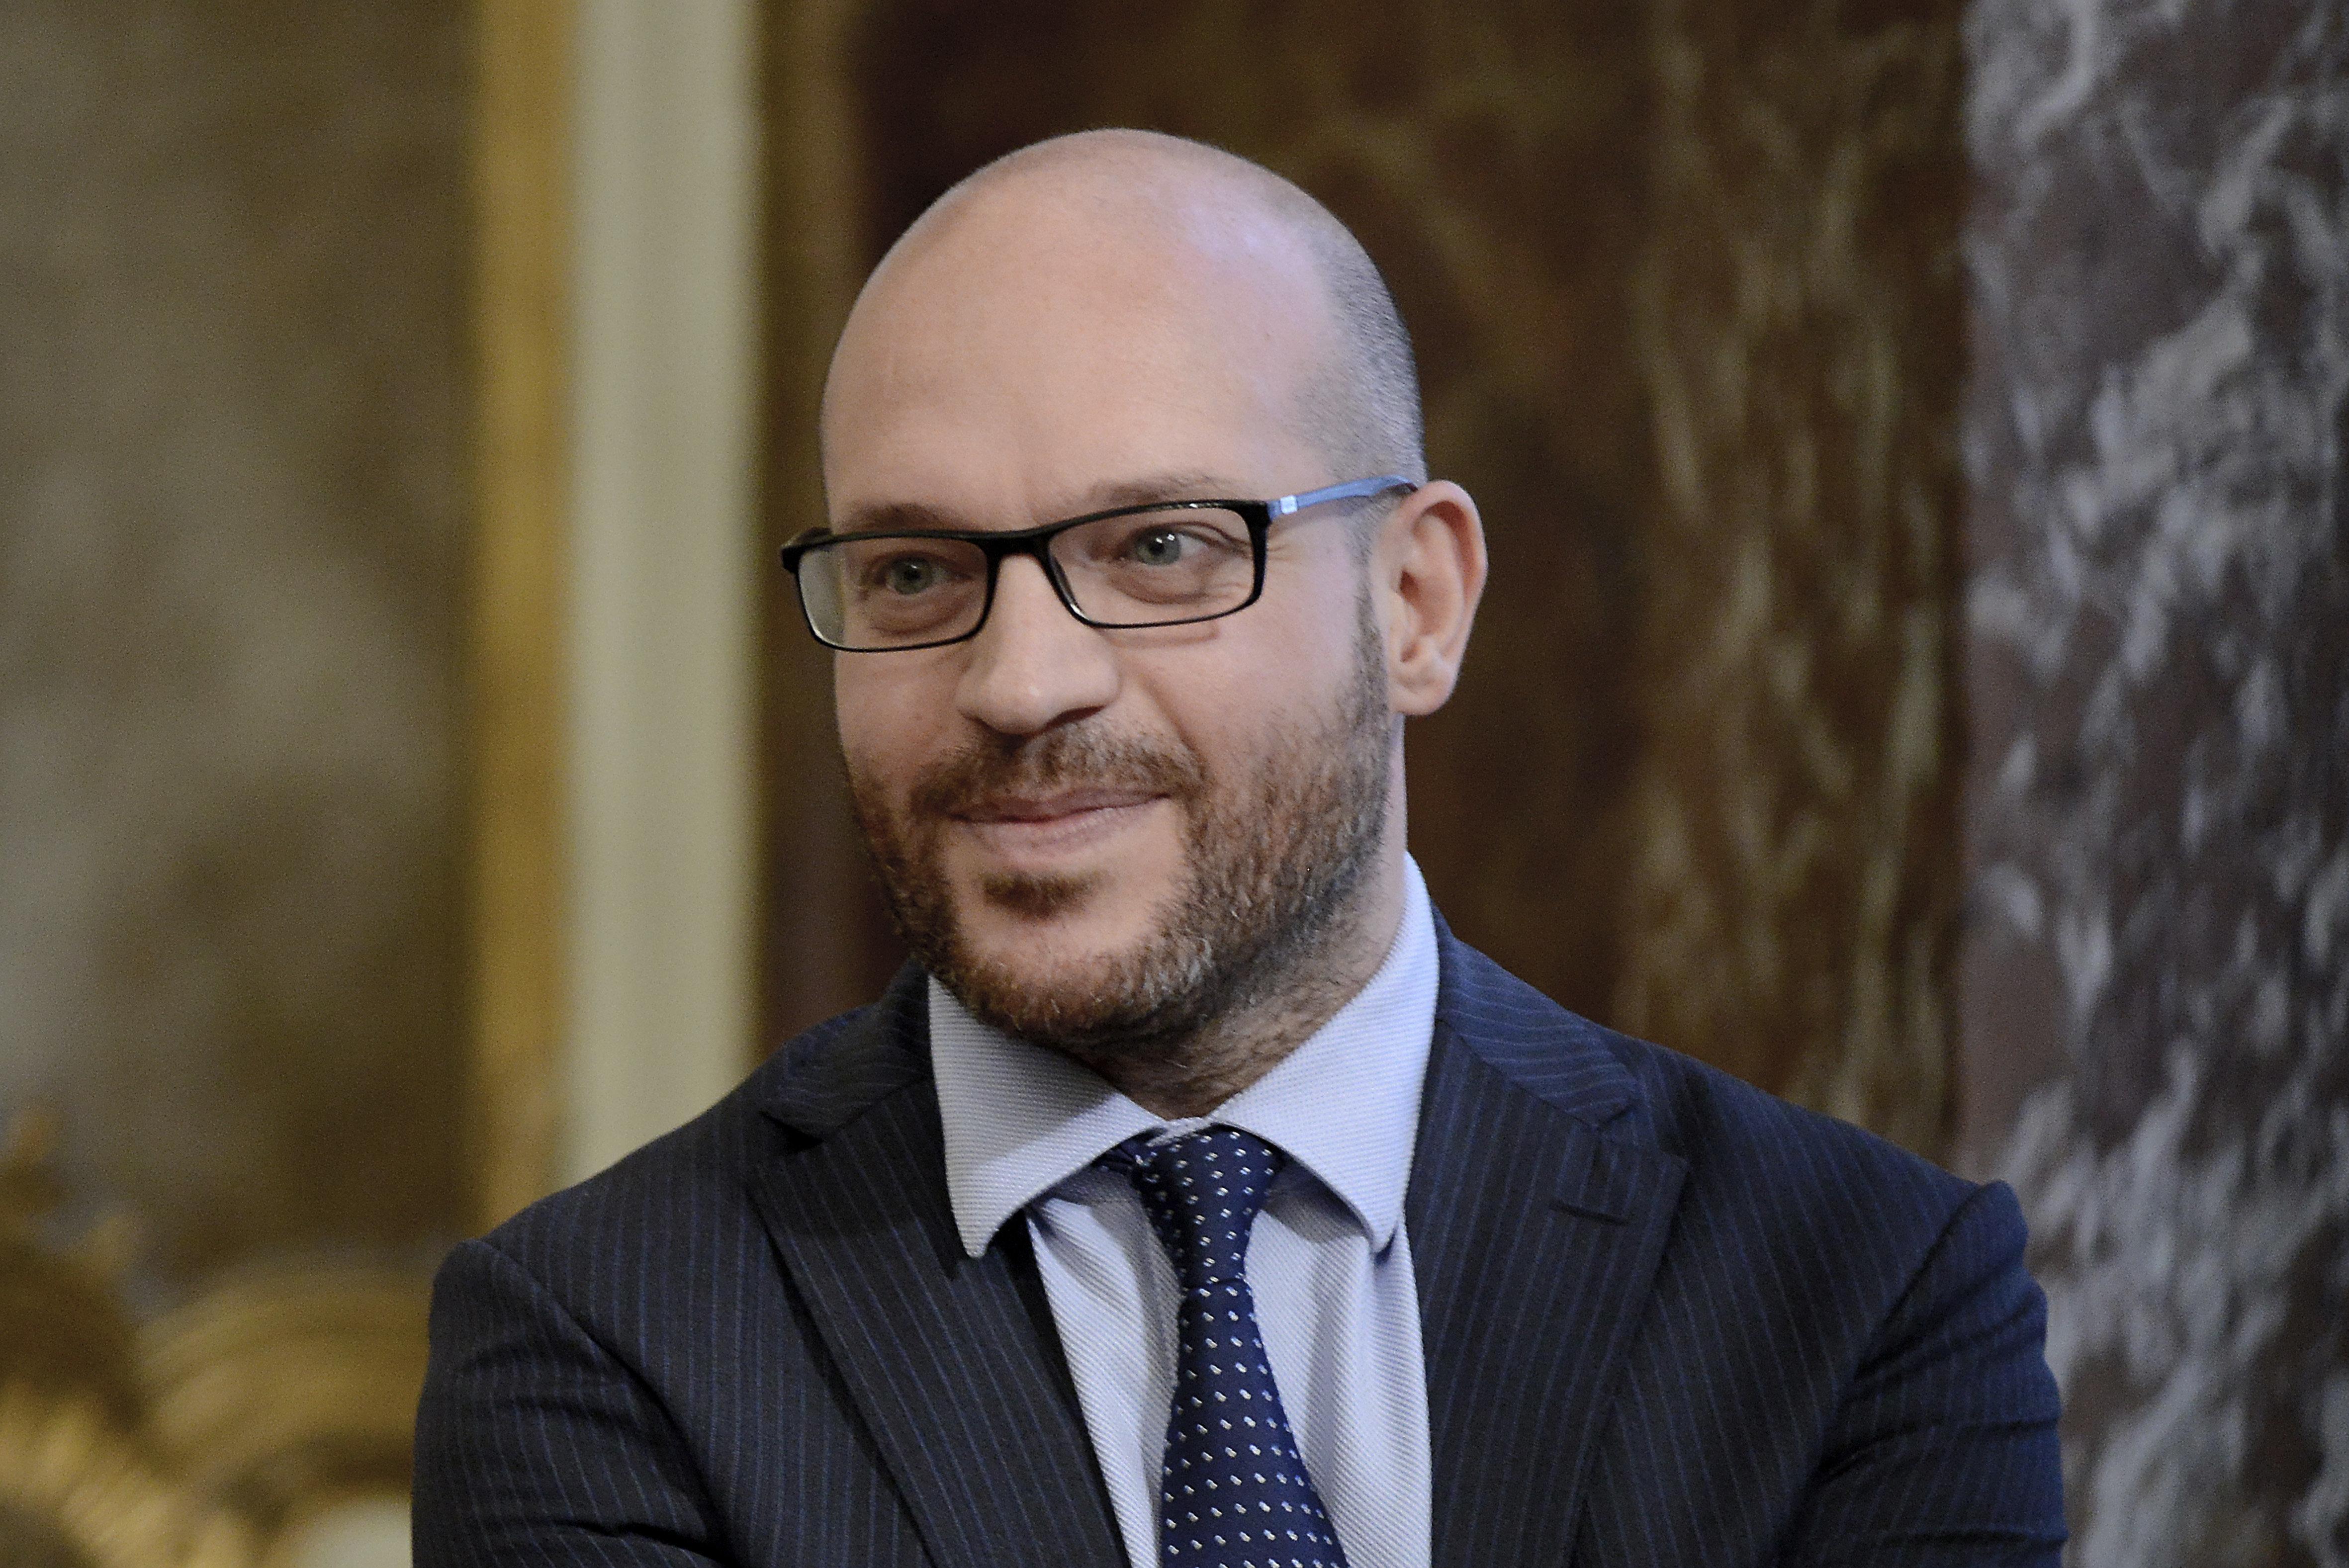 극우 이탈리아 장관이 '反파시즘법 폐지'를 주장하고